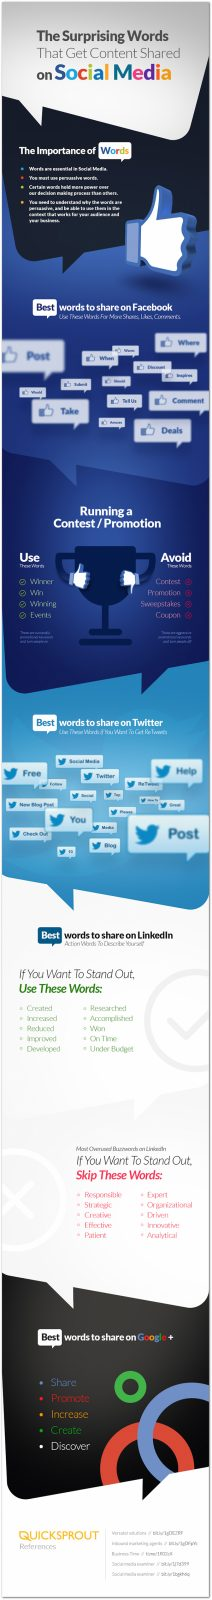 Aqui estão as melhores palavras que fazem nosso conteúdo ser compartilhado.